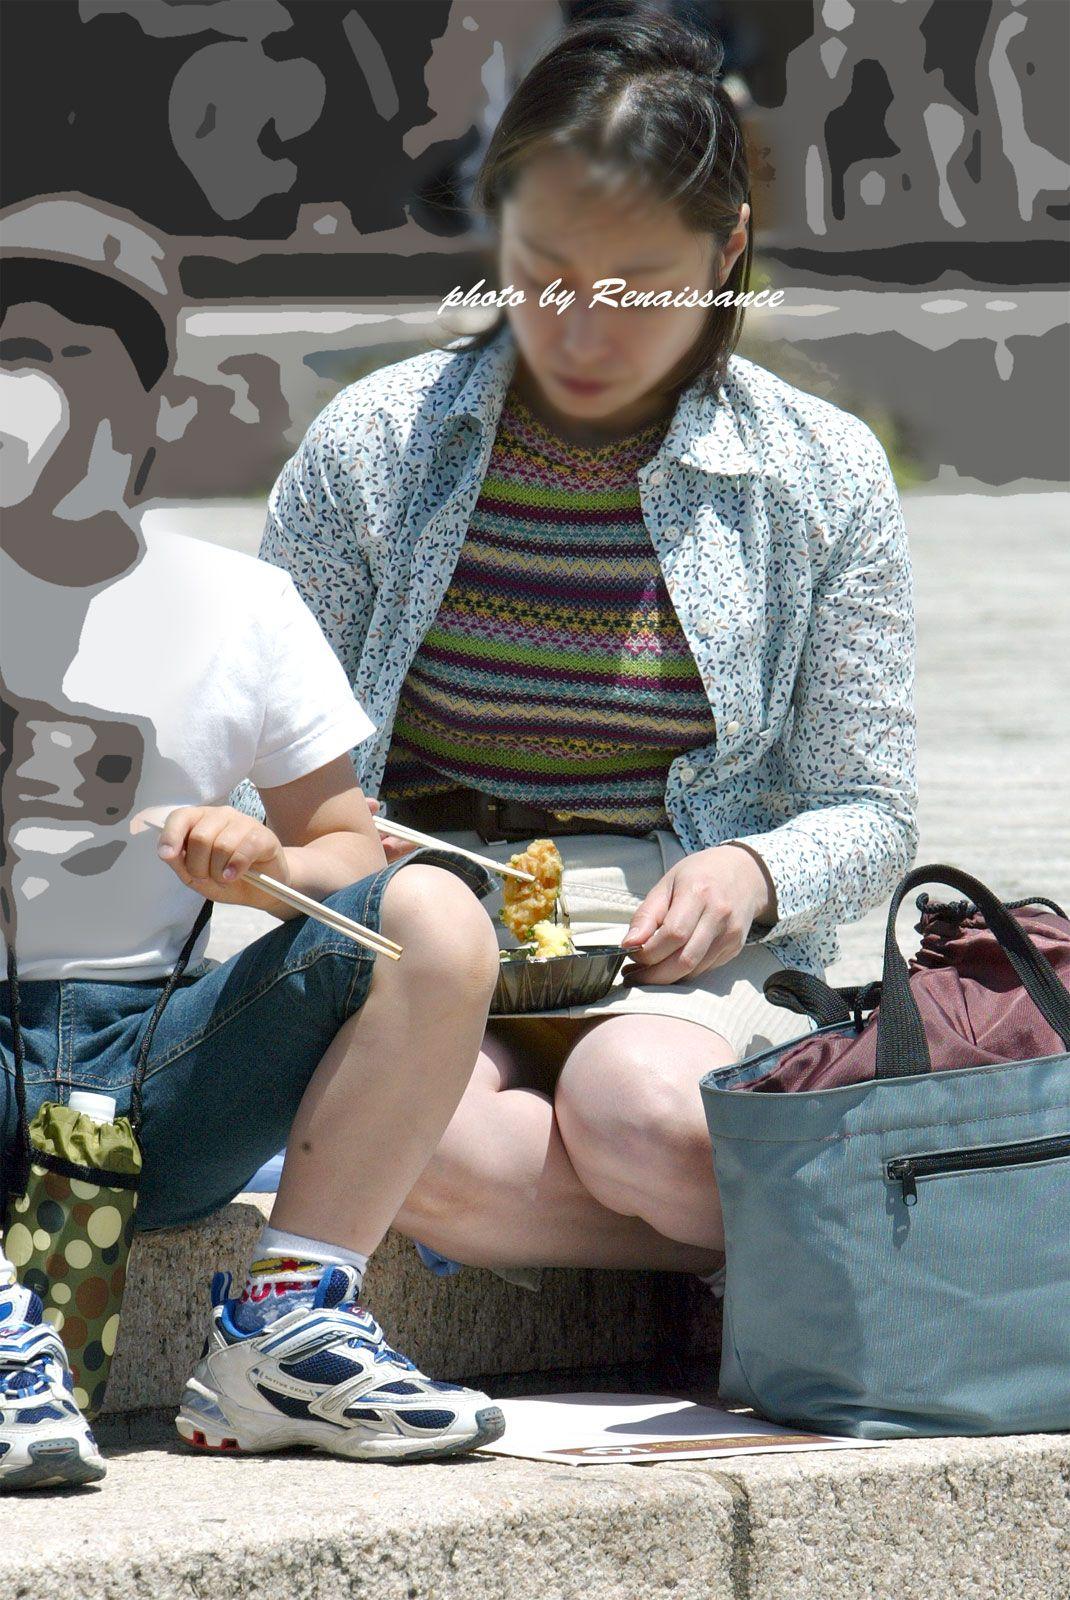 【パンチラエロ画像】実は欲求不満?無防備すぎる子連れママのそそるチラ見えwww 05